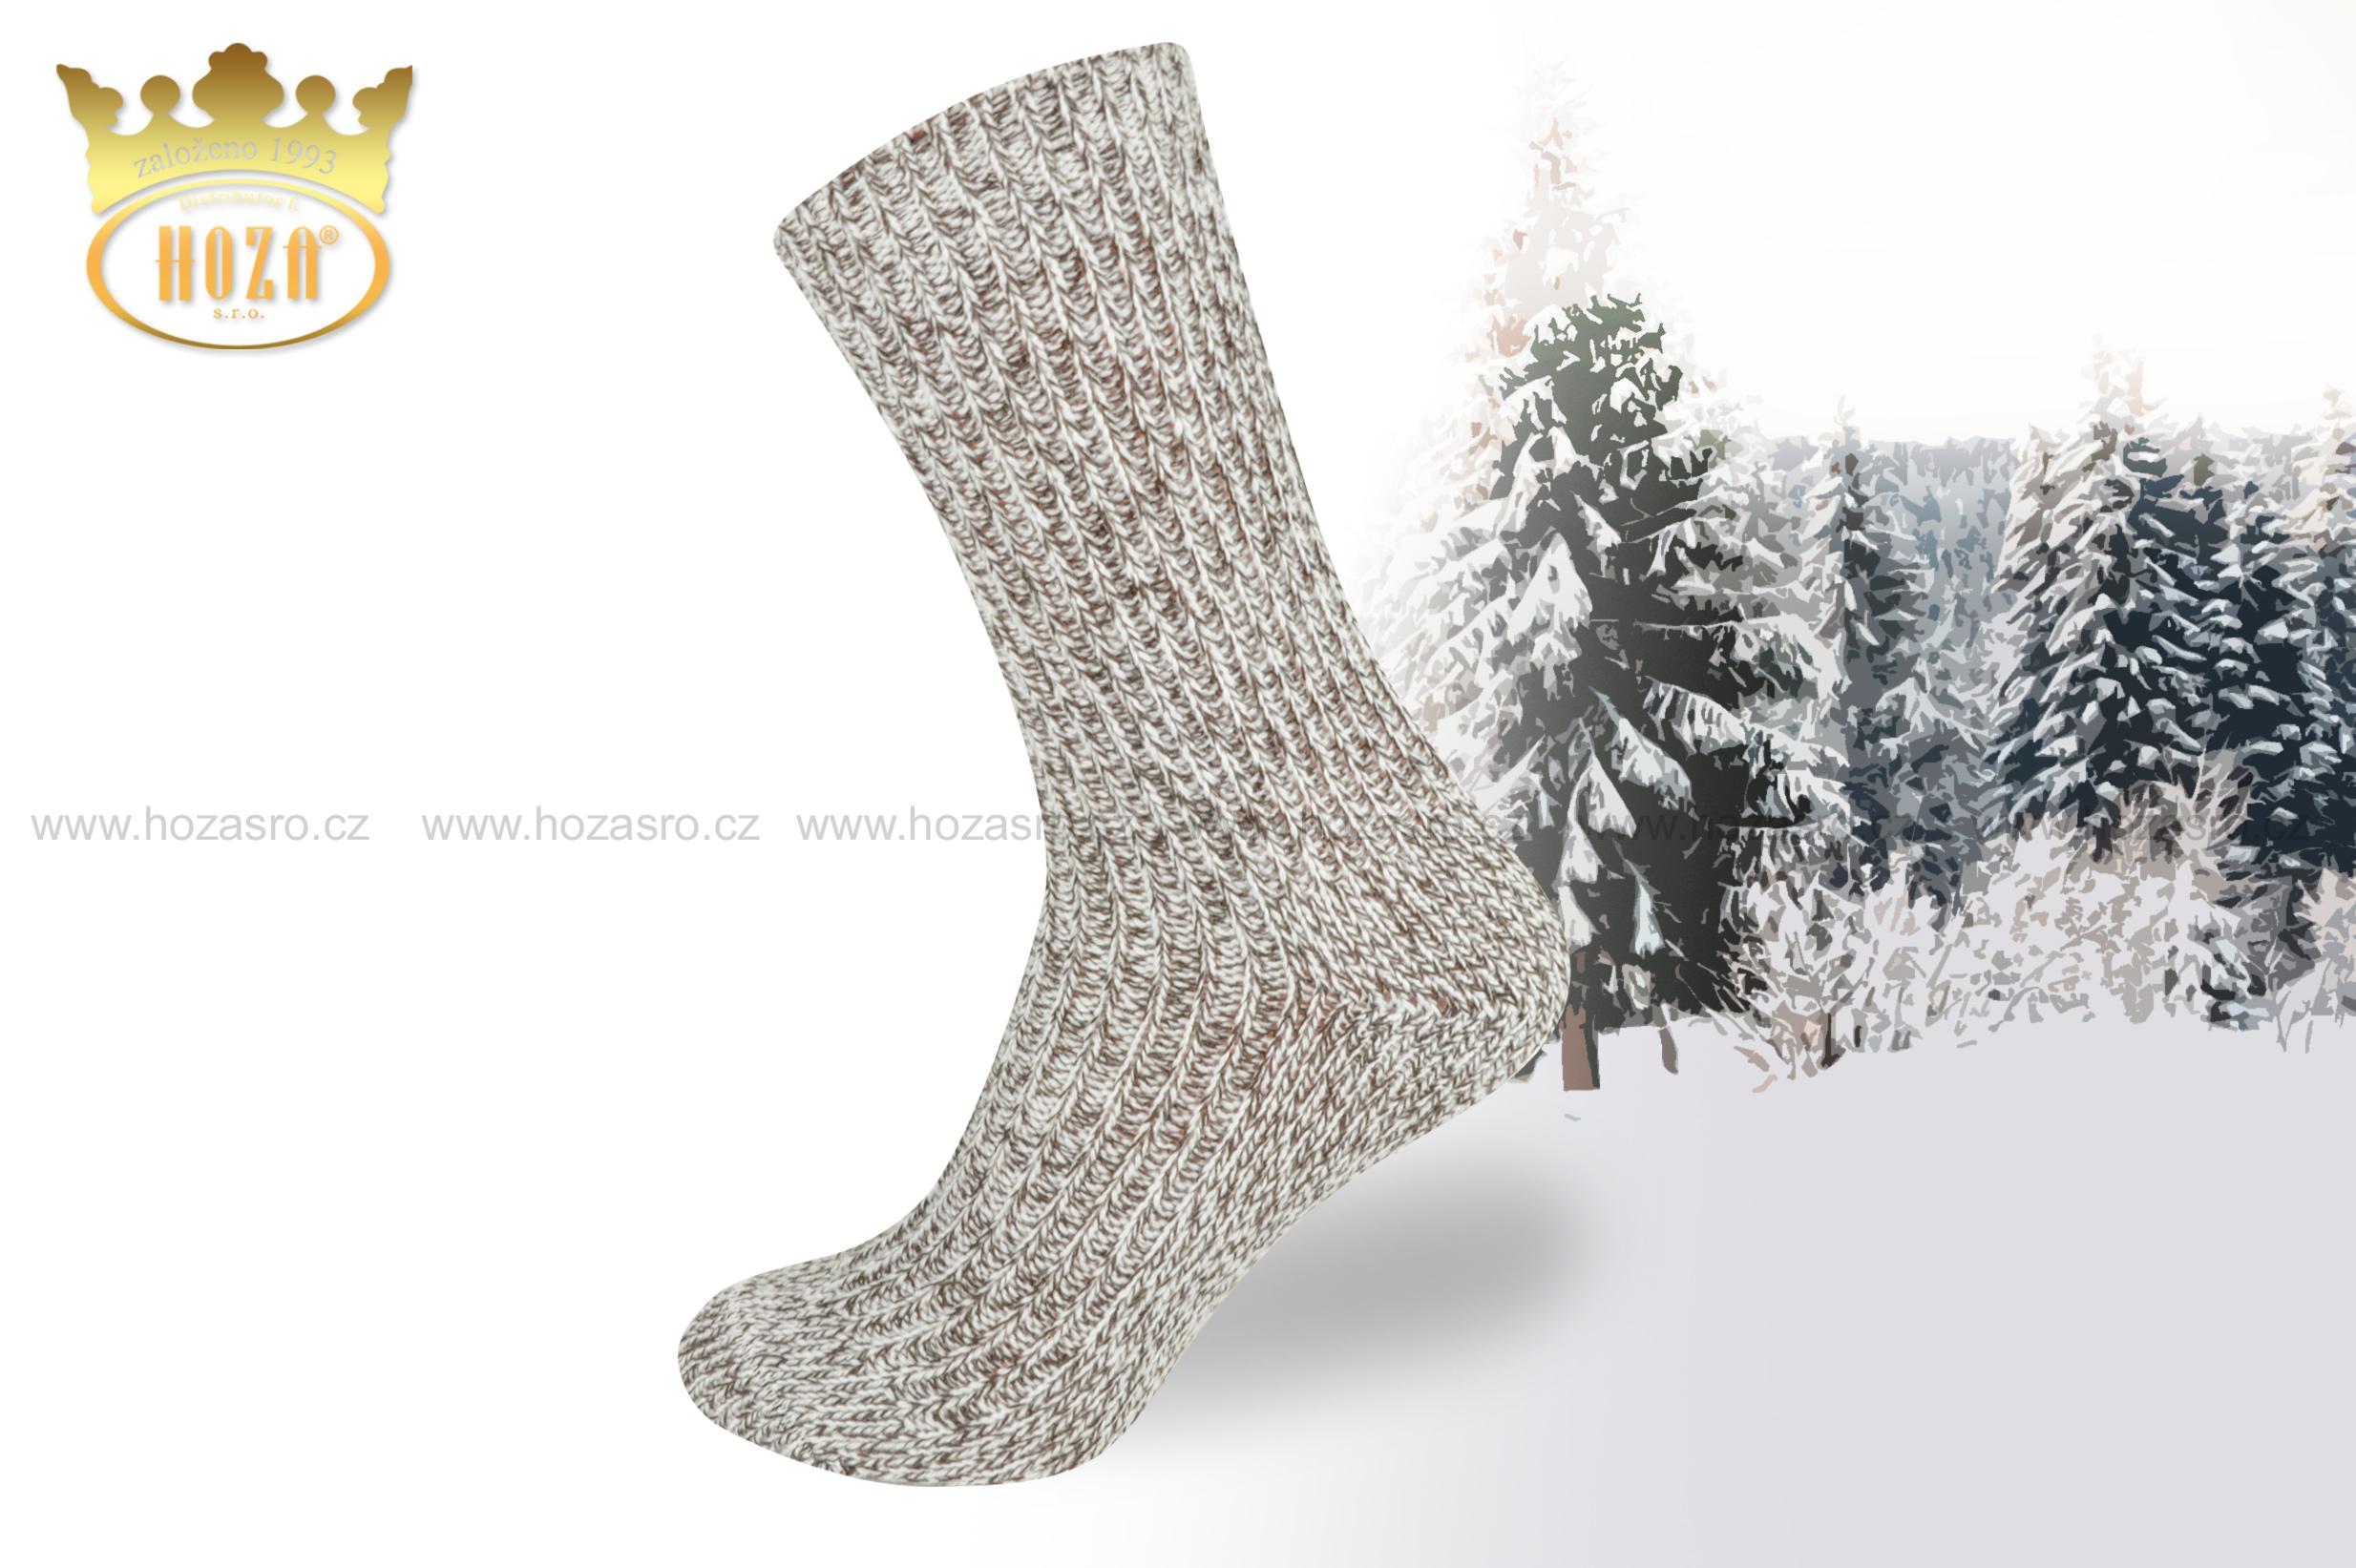 H006 Zimní ponožky HOZA Lída - melír mix. otevřít v maximálním rozlišení 21bdd9faf7